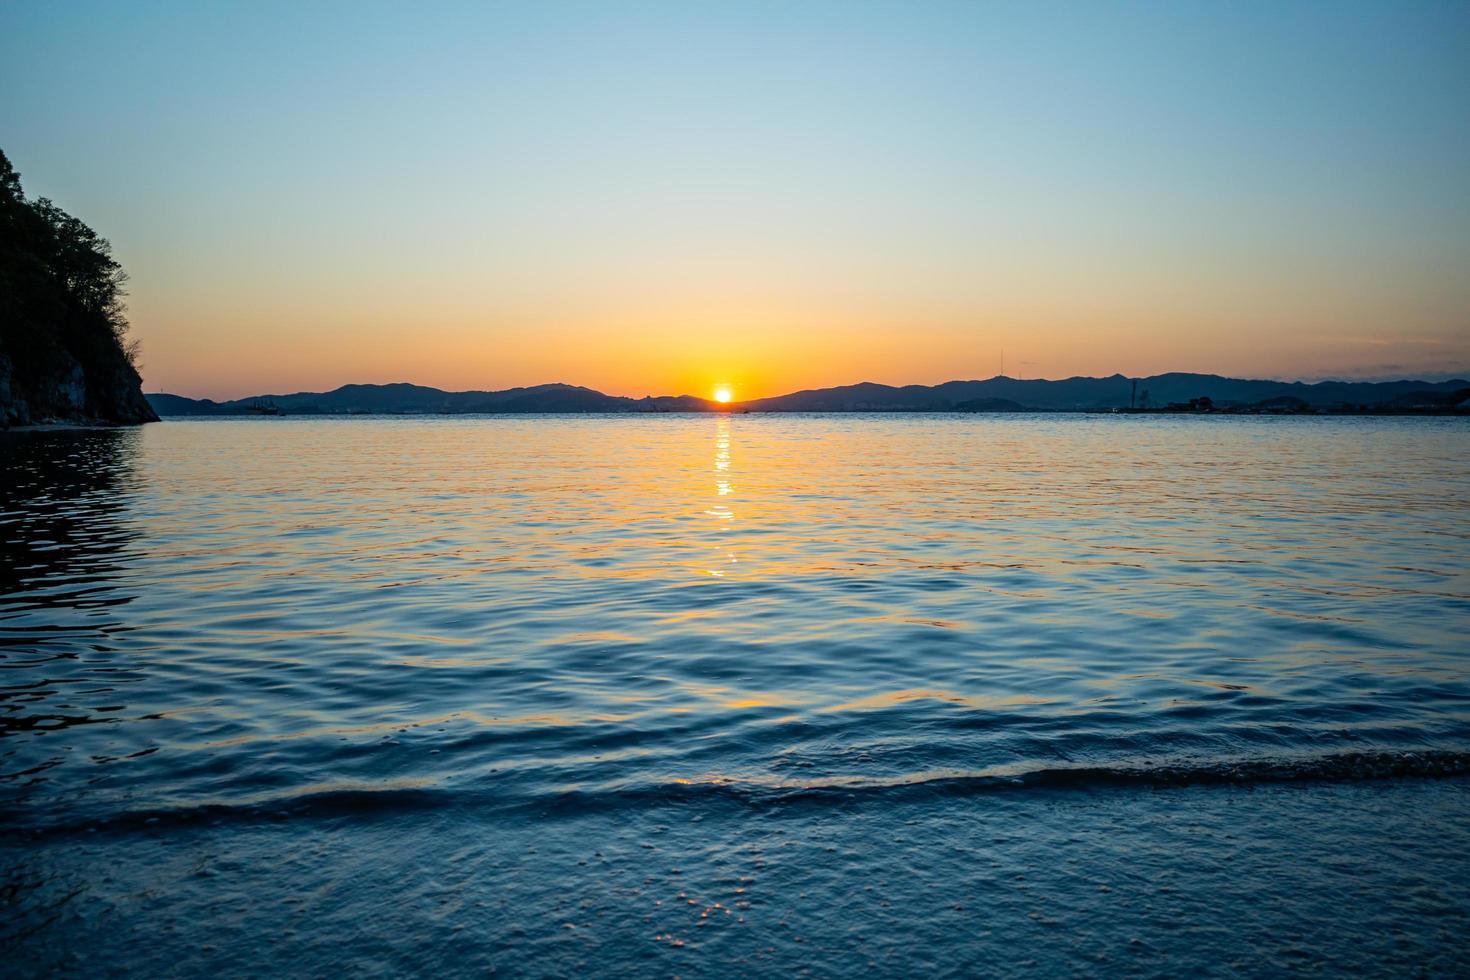 marint landskap med utsikt över en vacker solnedgång. foto